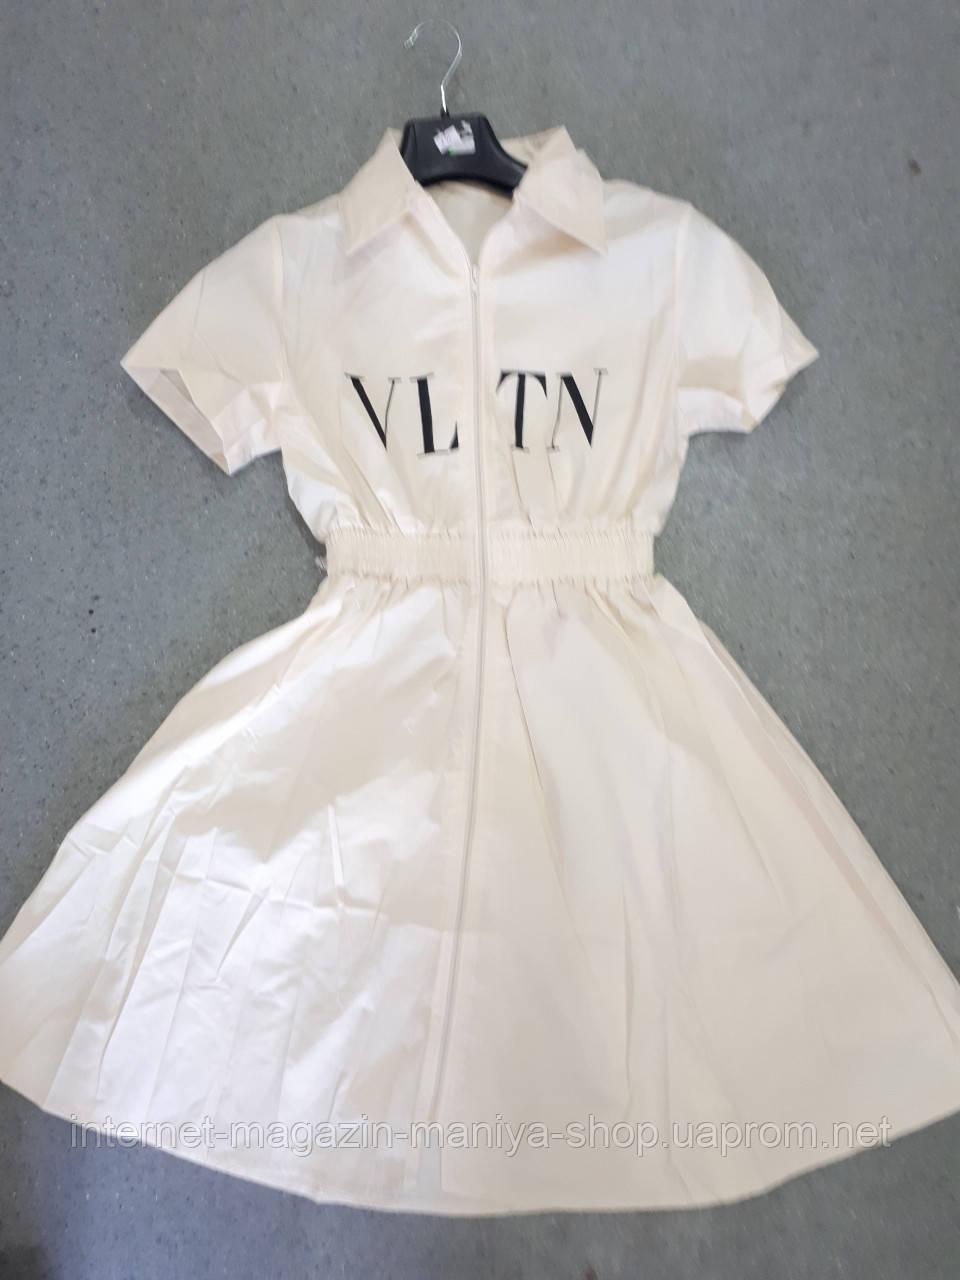 Платье женское текст резинка универсал 42-46 (лето)